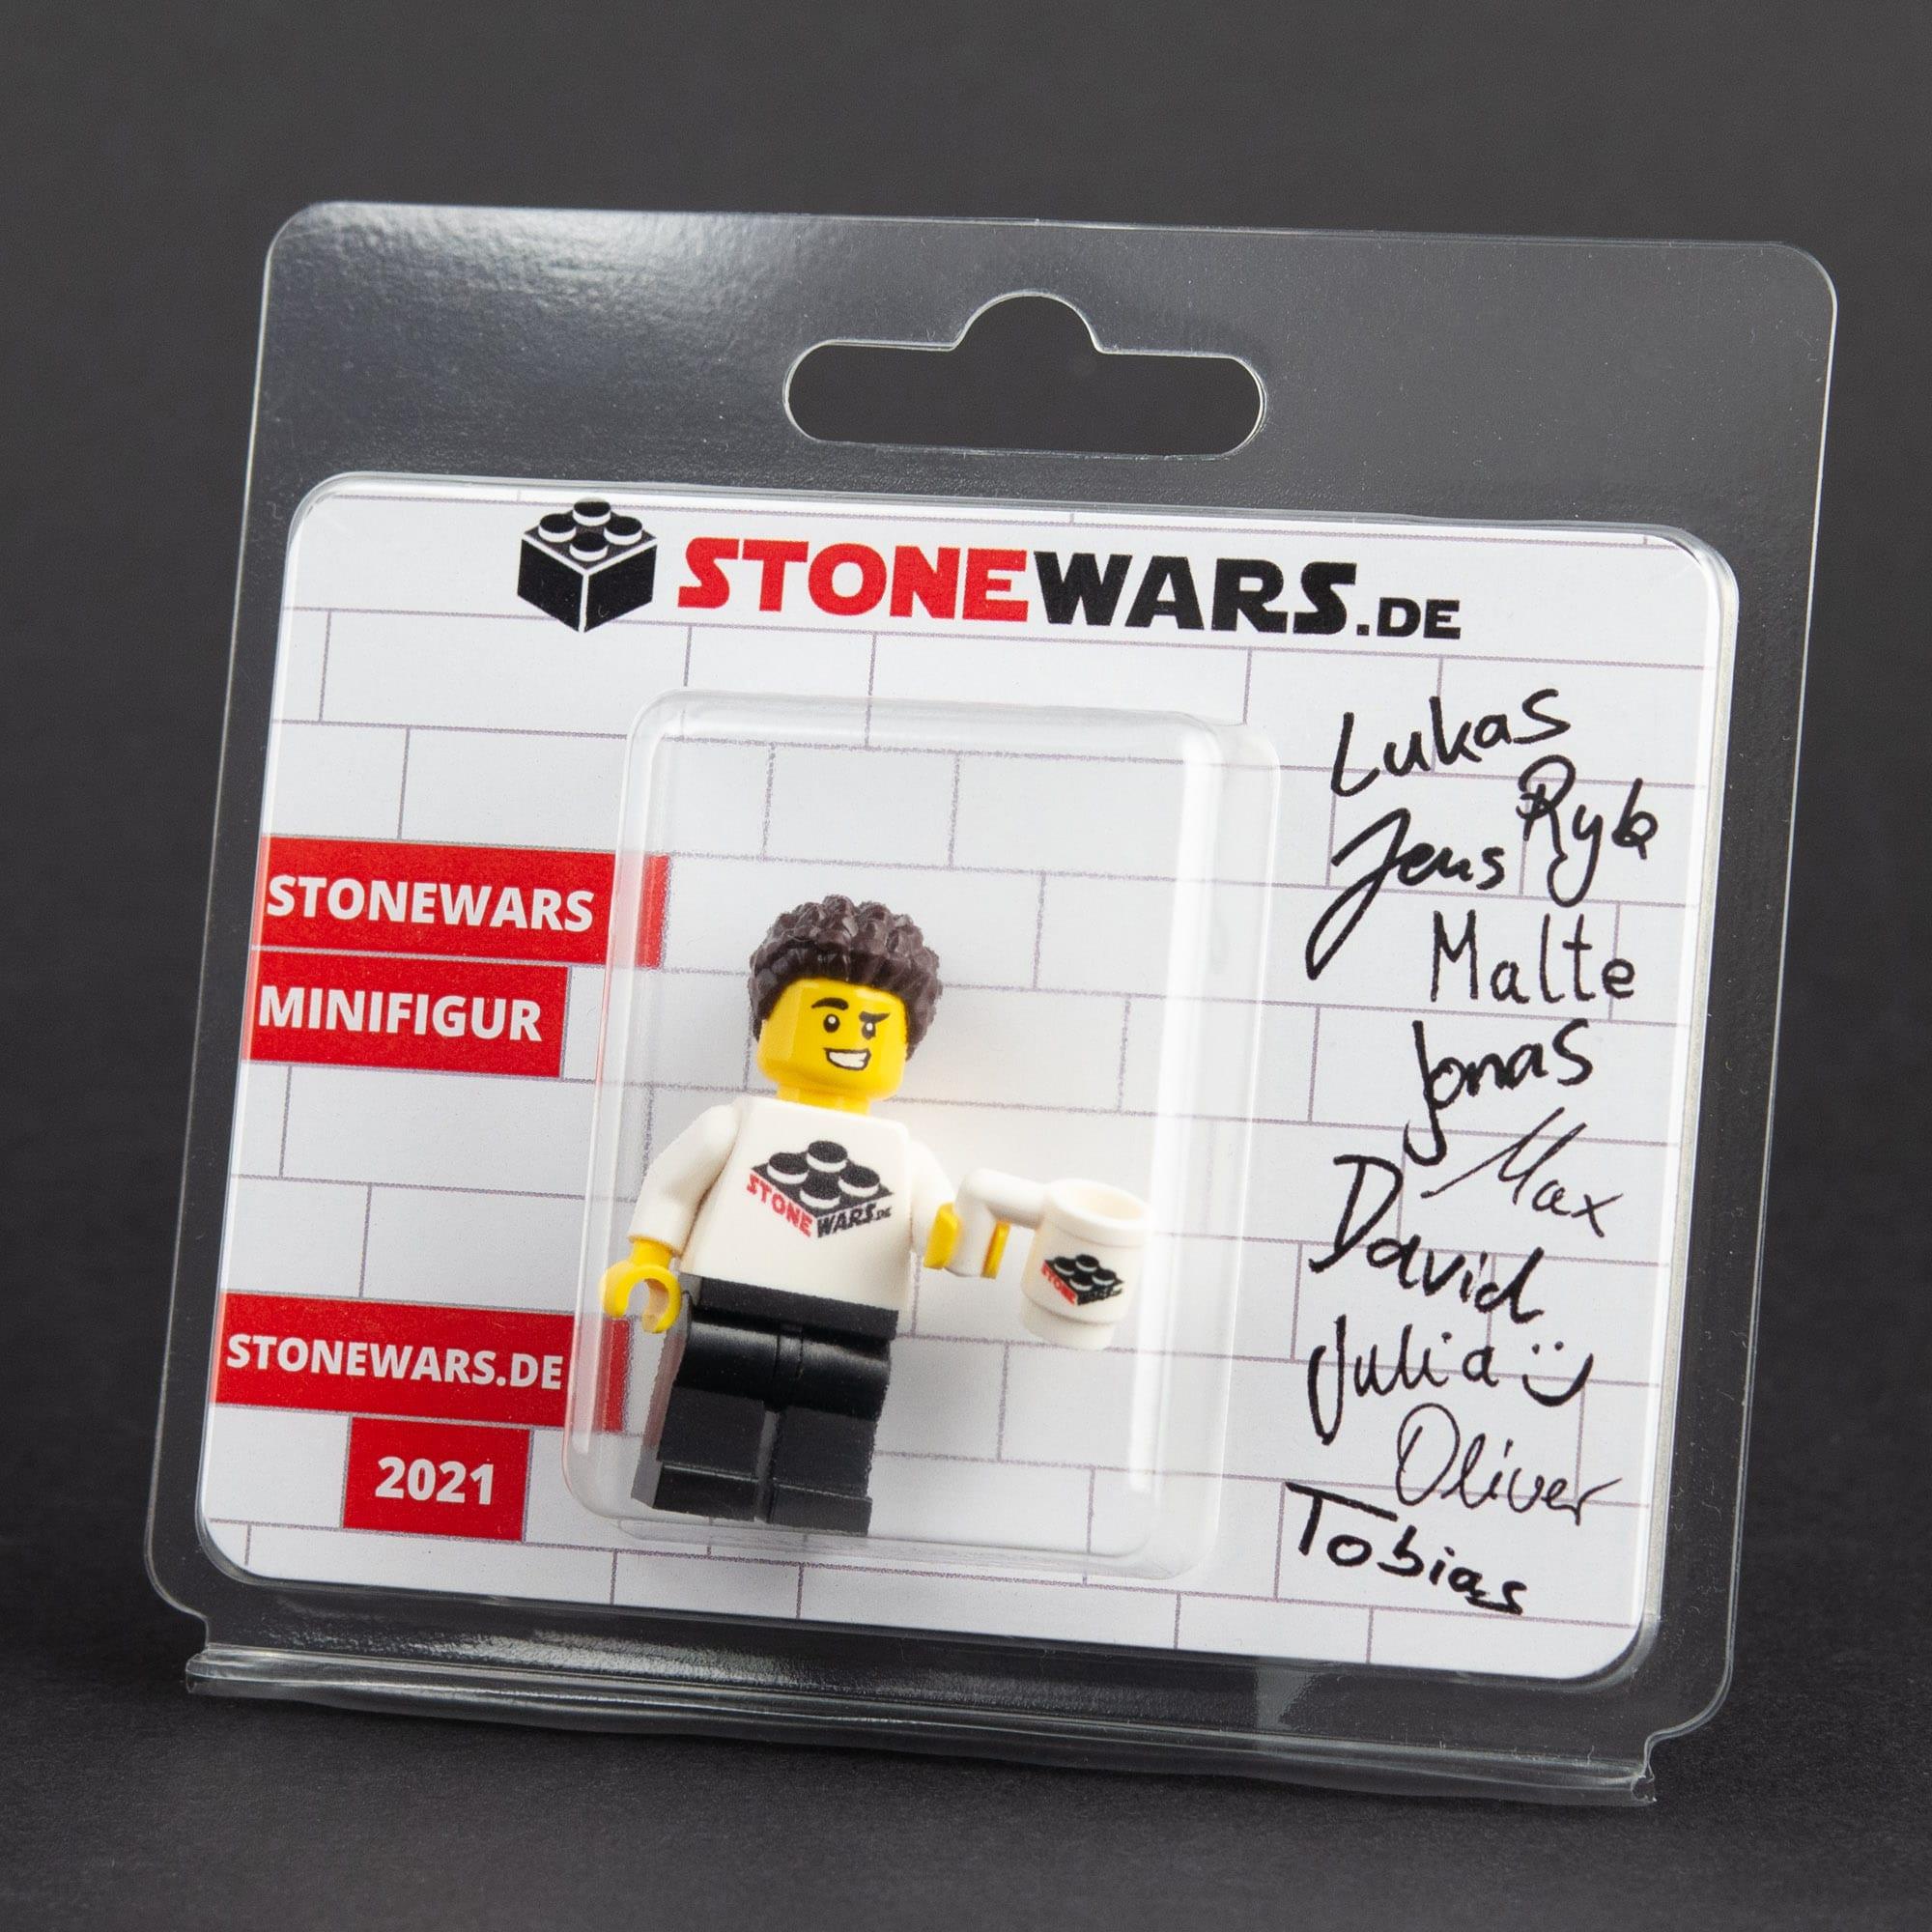 Stonewars Merch Minifigur Tasse01